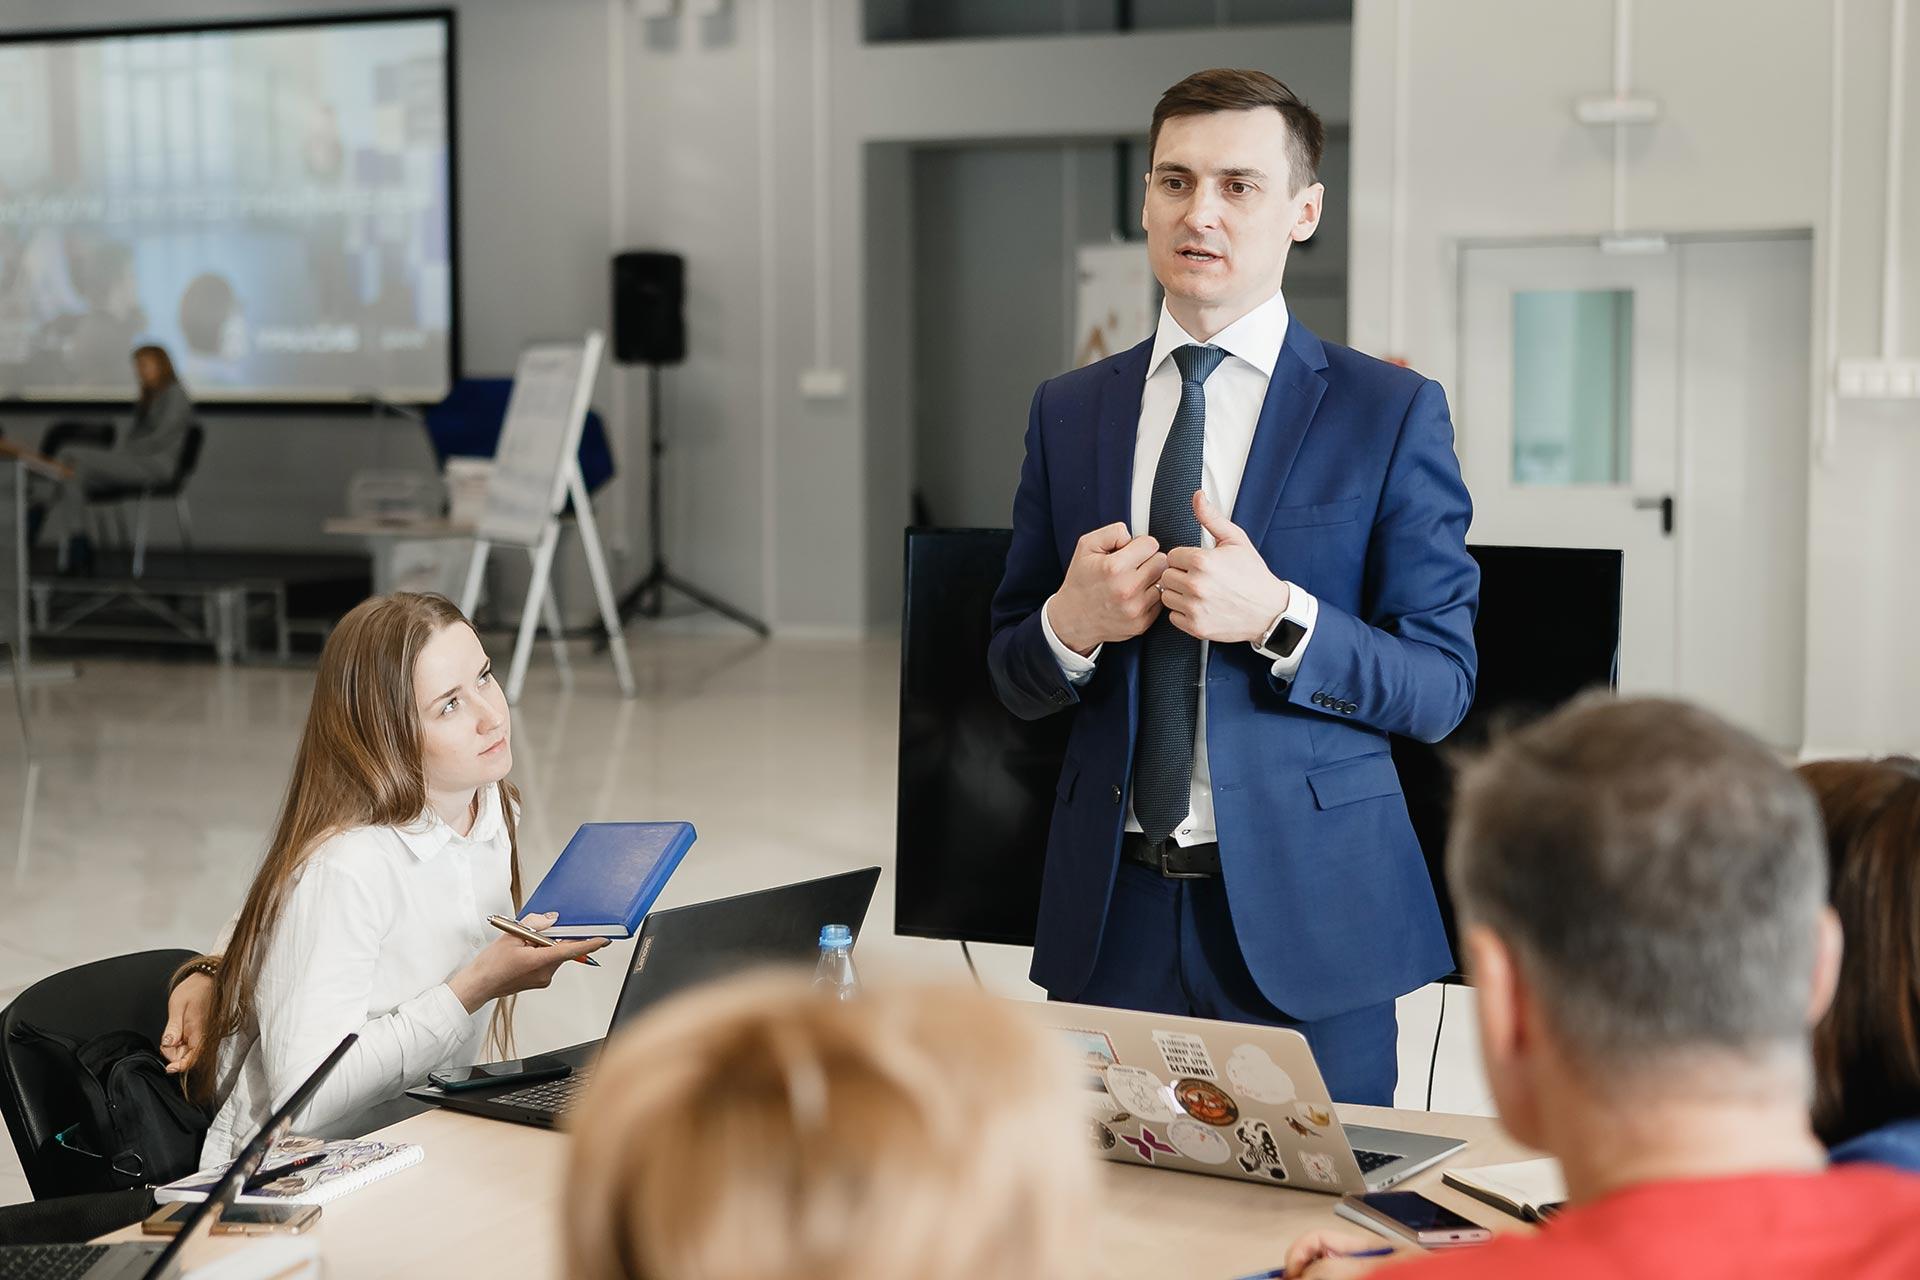 Павел Боревич, эксперт в интернет-маркетинге, основатель digital-агентства Градус